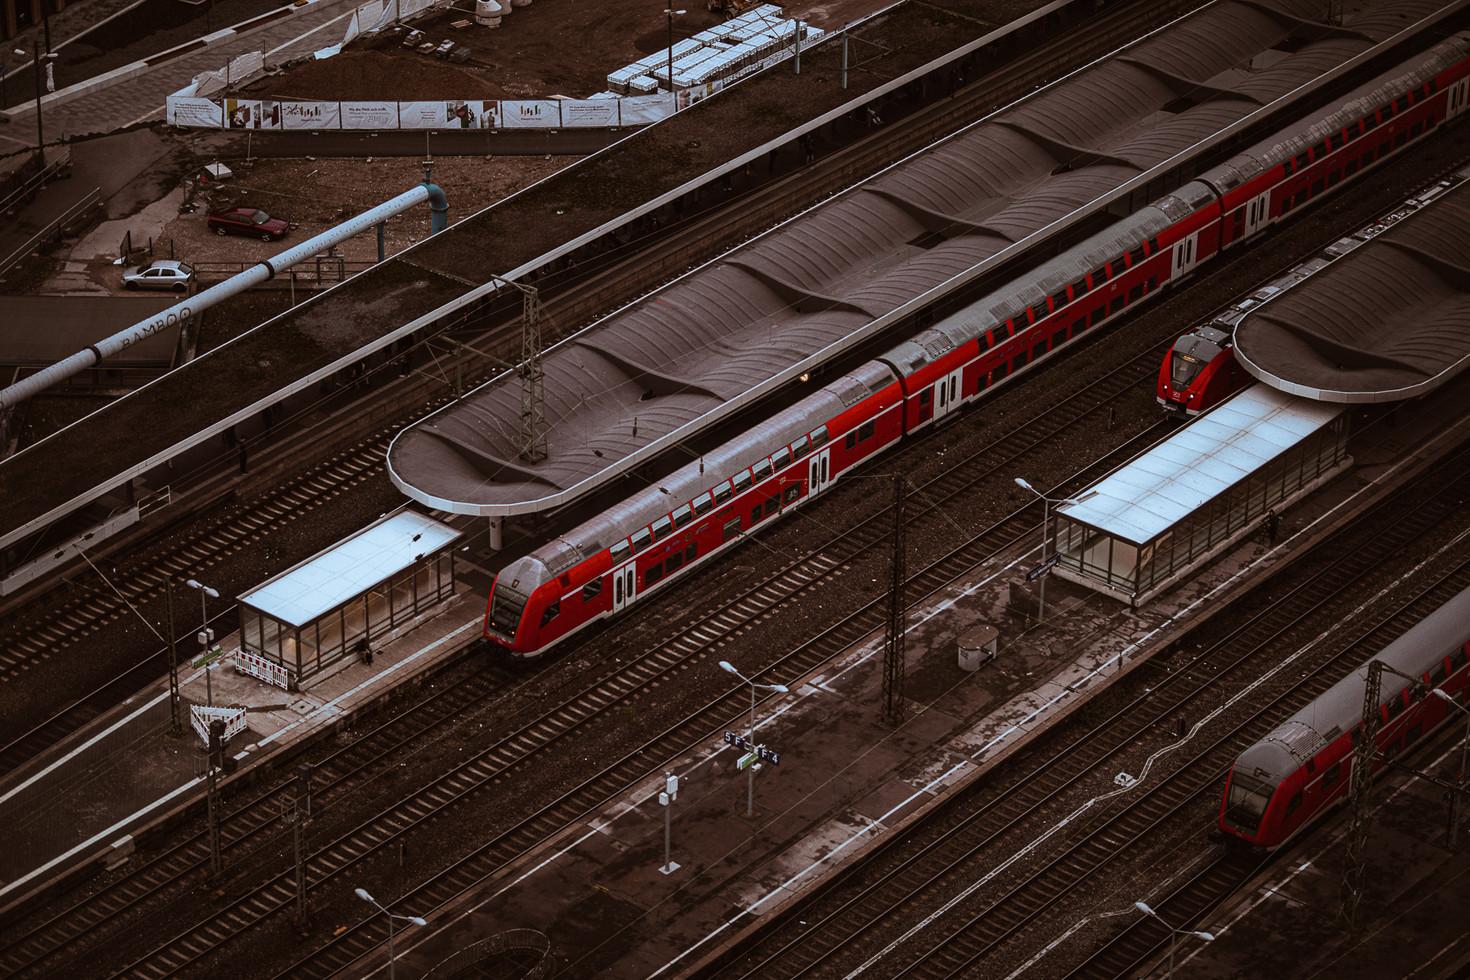 TKPA-Koln201912-0149-HDWH.jpg